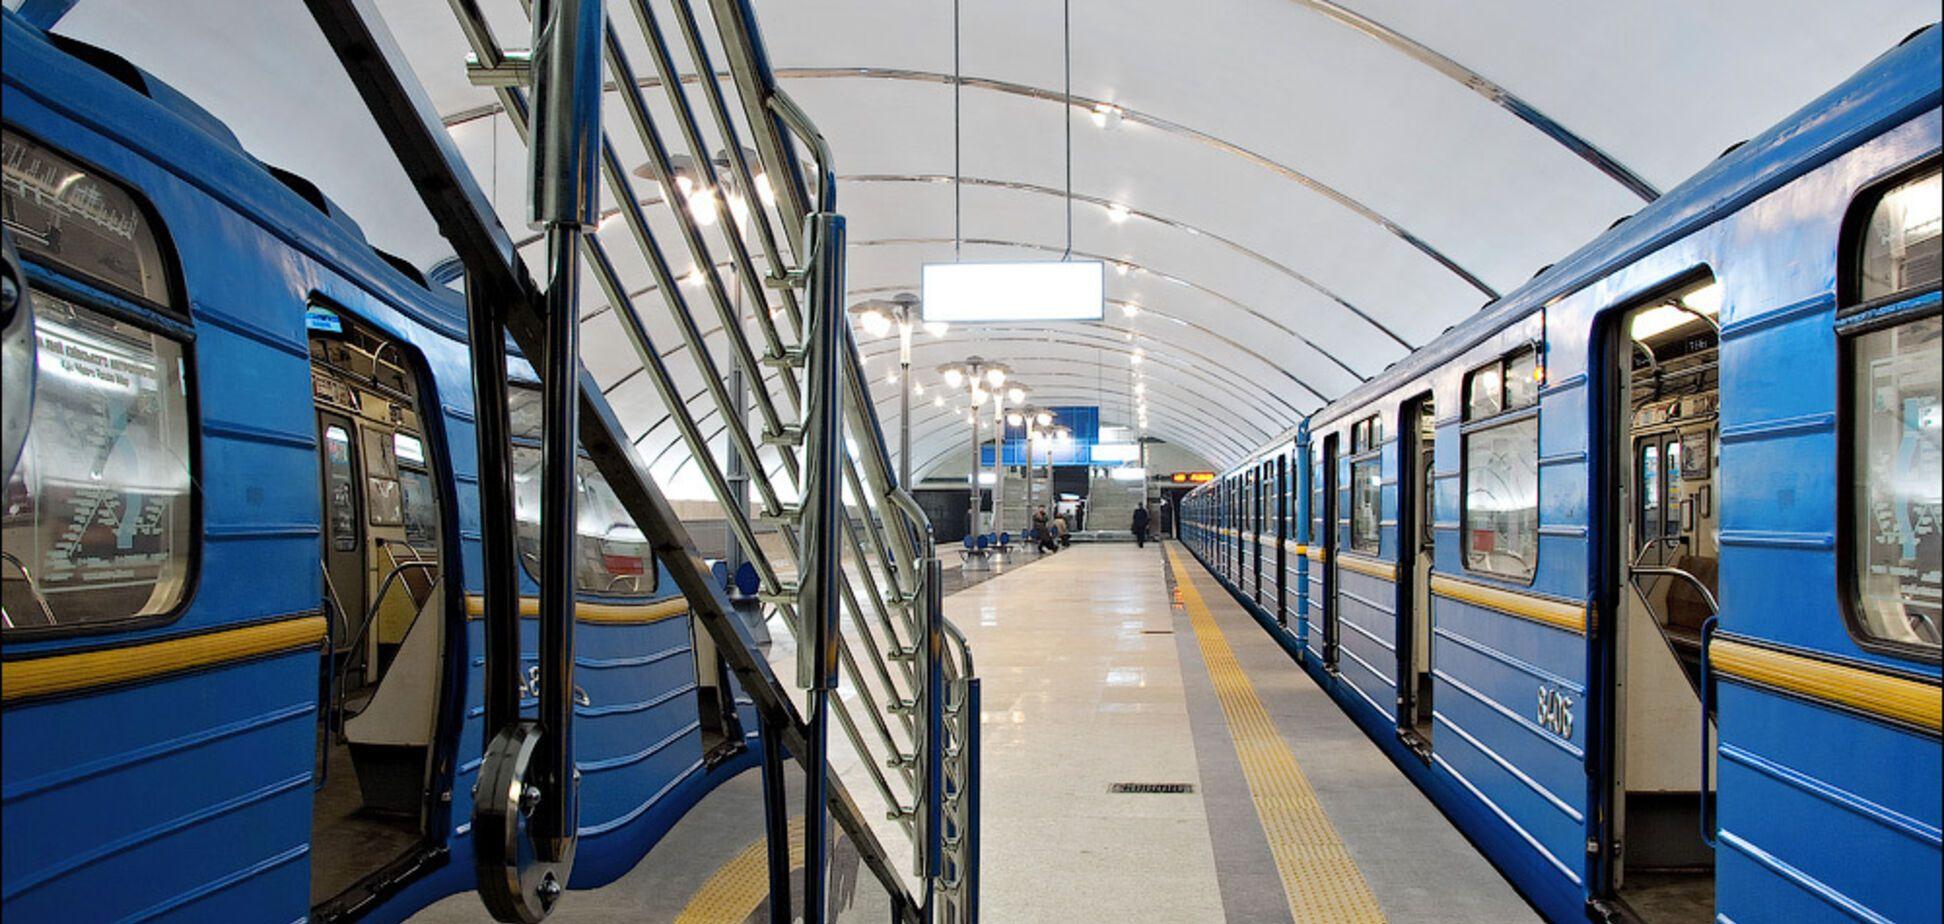 Метро в Киеве будет работать с ограничениями – КГГА